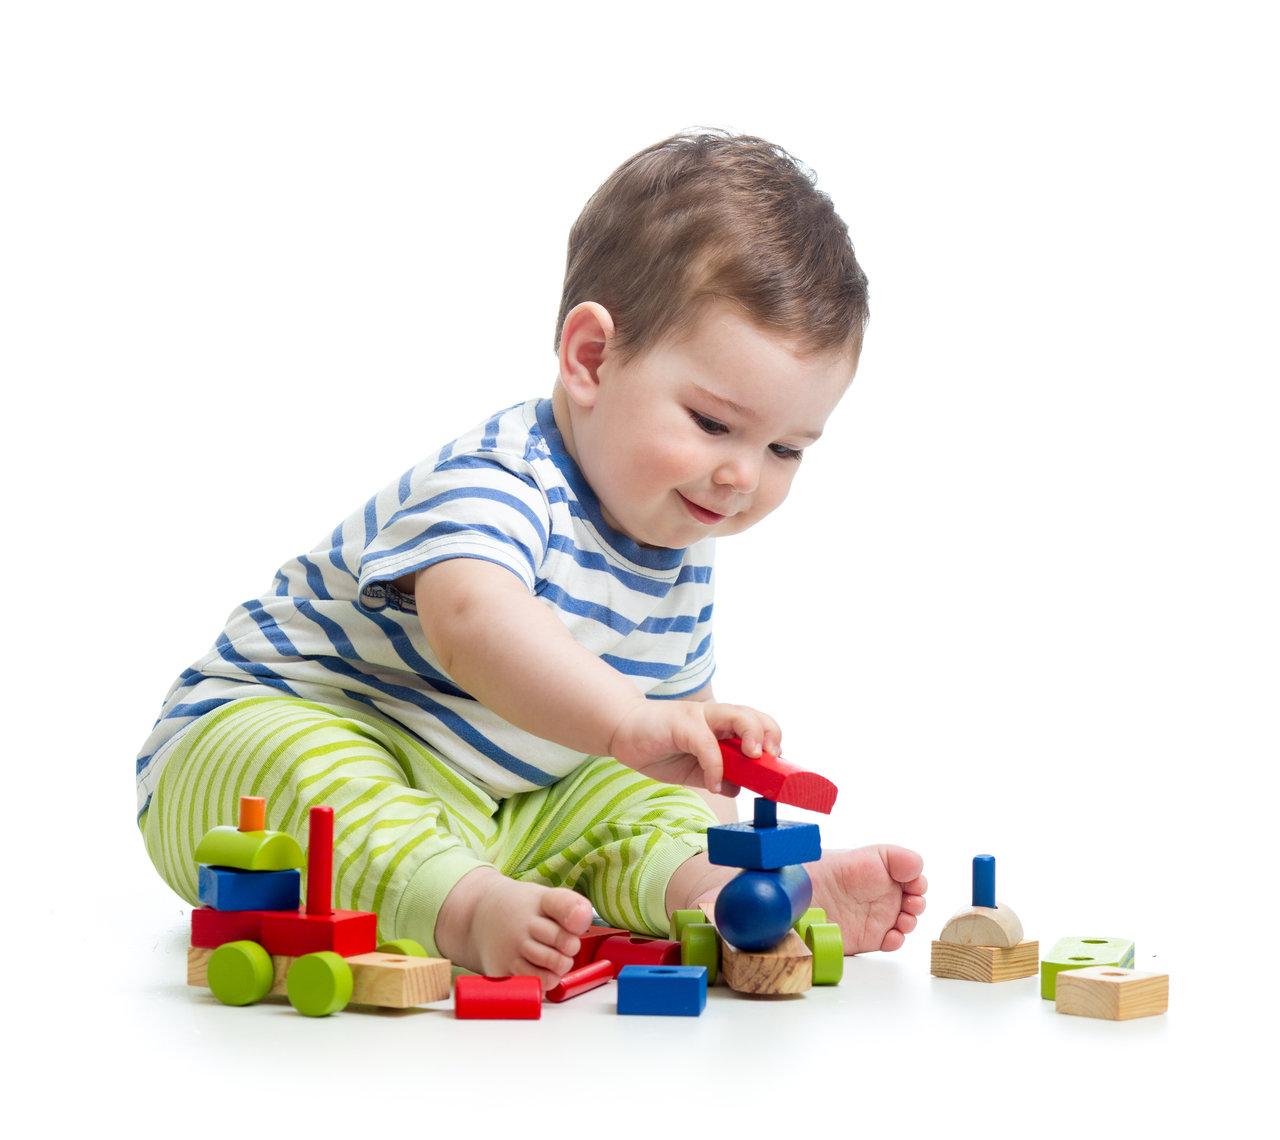 brinquedos para cada fase montar e empilhar